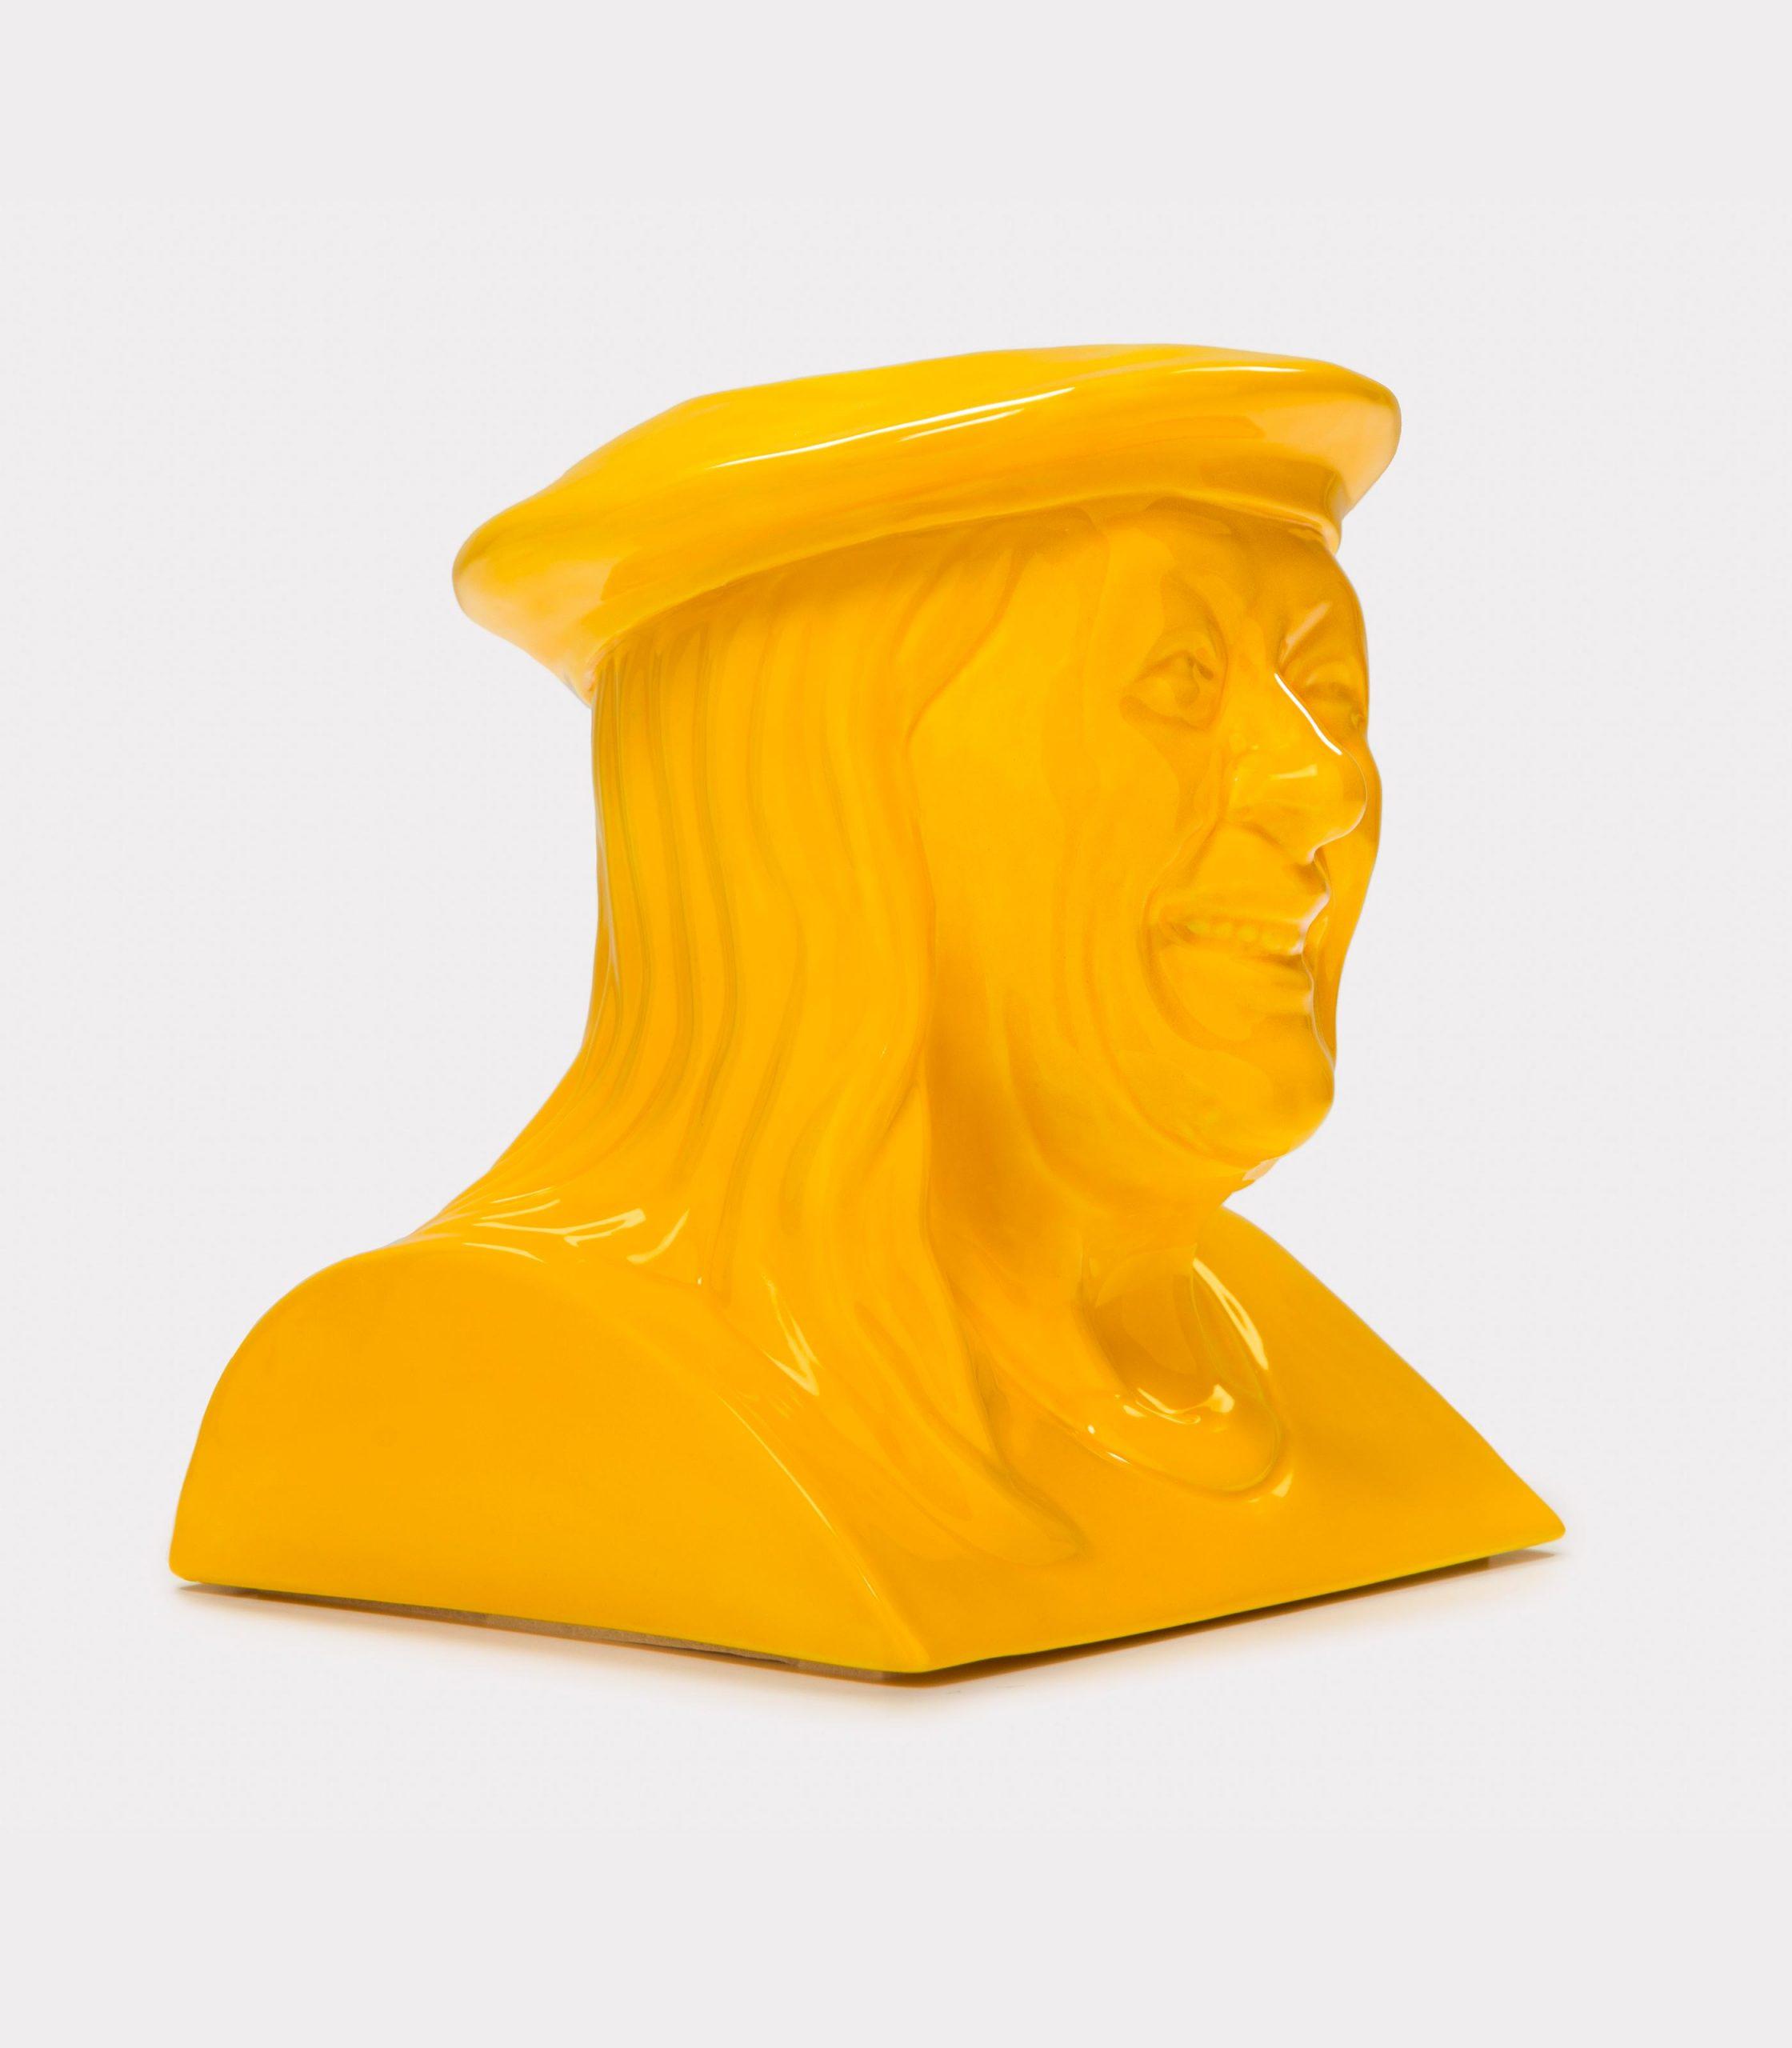 La Luisa giallo loopo milano design FD